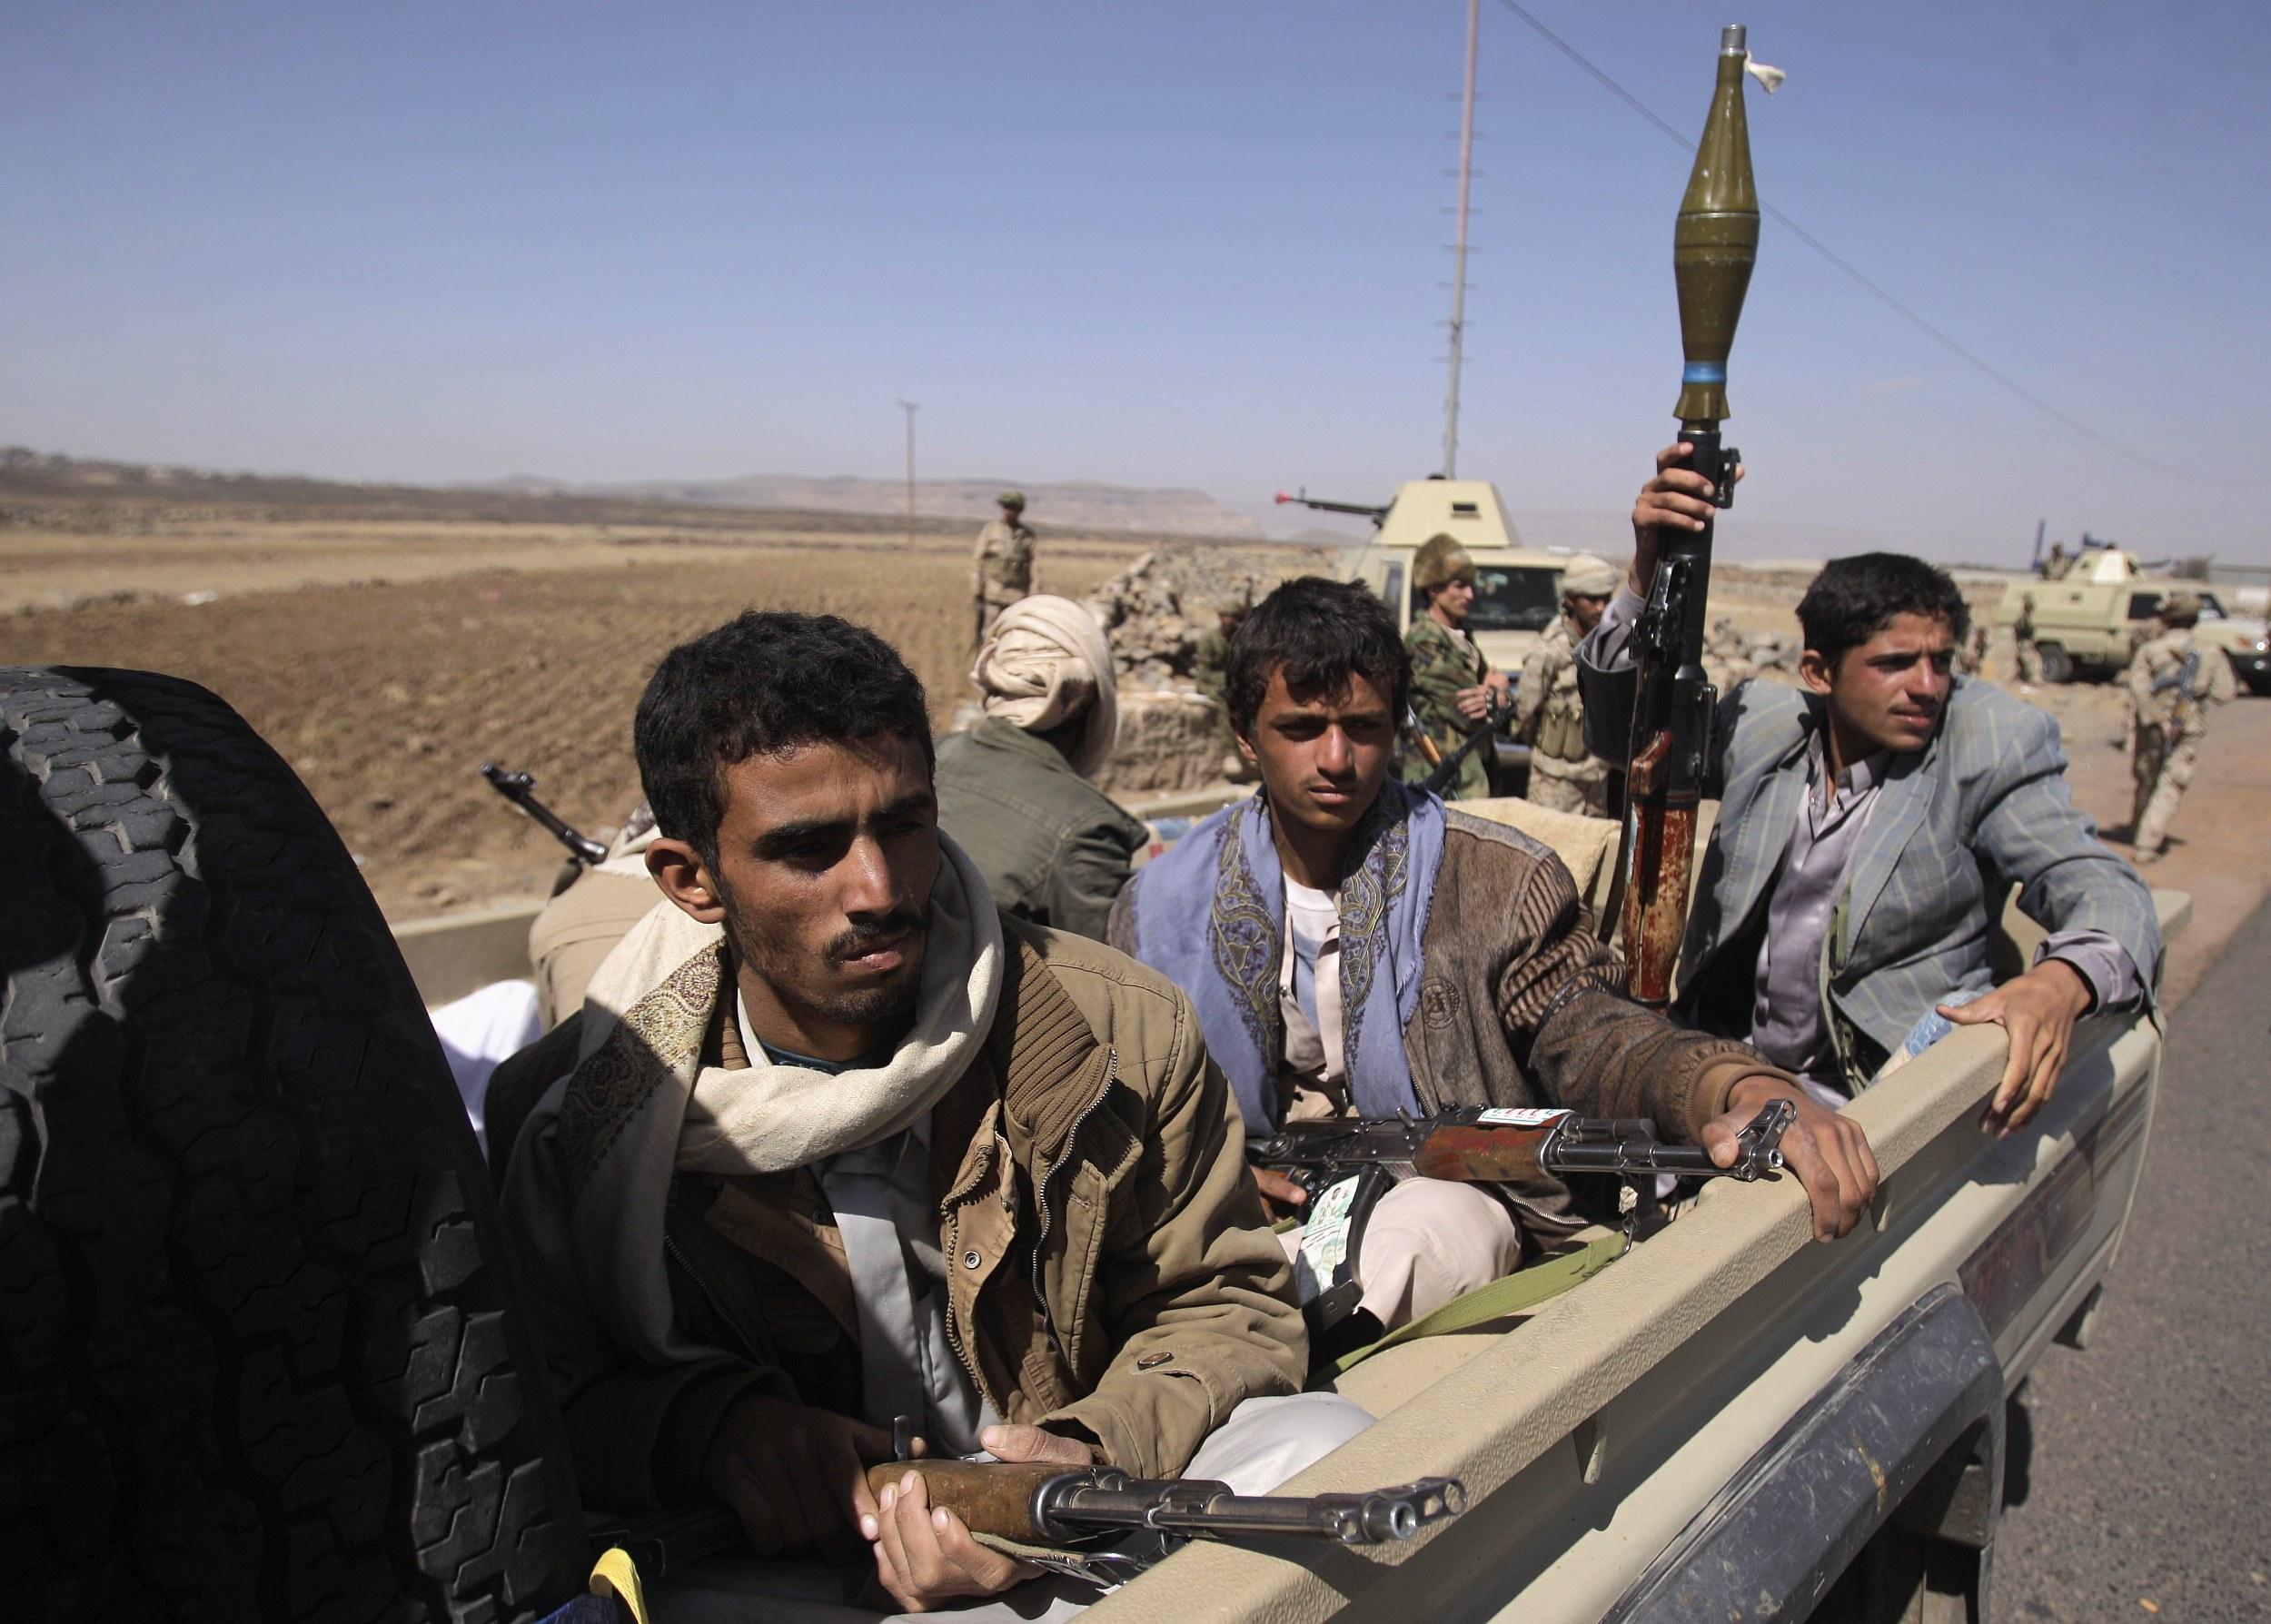 أولى التهديدات الإيرانية.. مناورات عسكرية للحوثيين على حدود المملكة